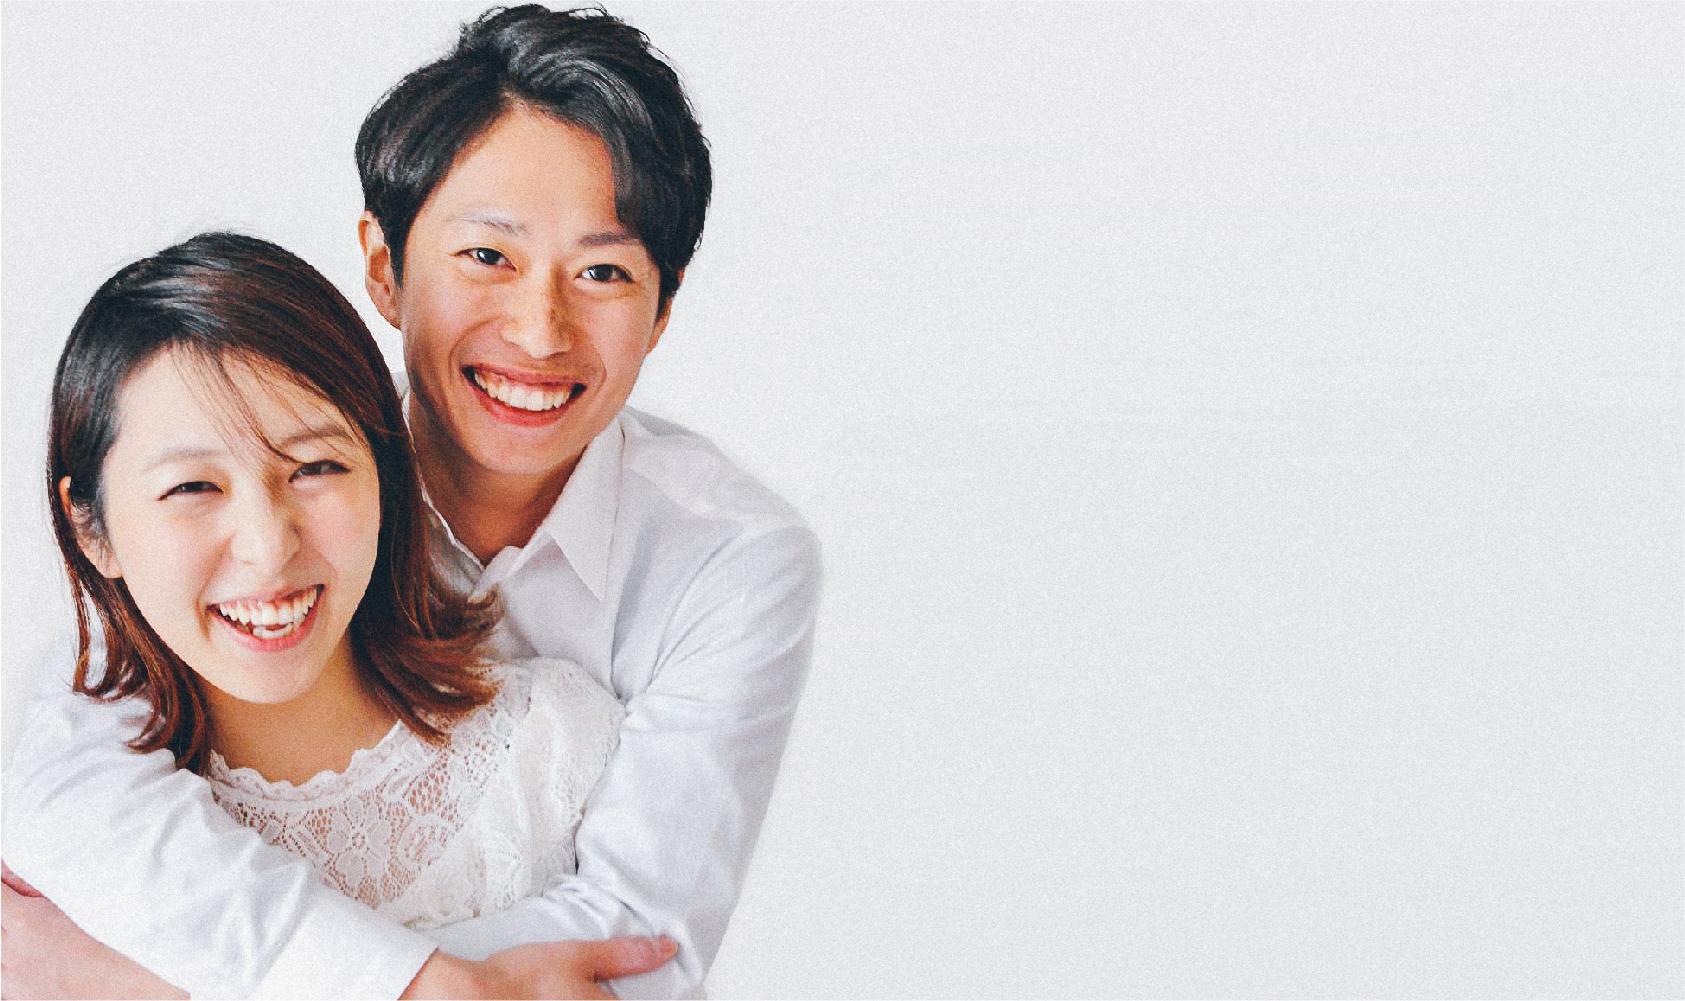 プロポーズ / 婚約お守り / 手紙 / KOTORIお守り(メッセージ入力タイプ)